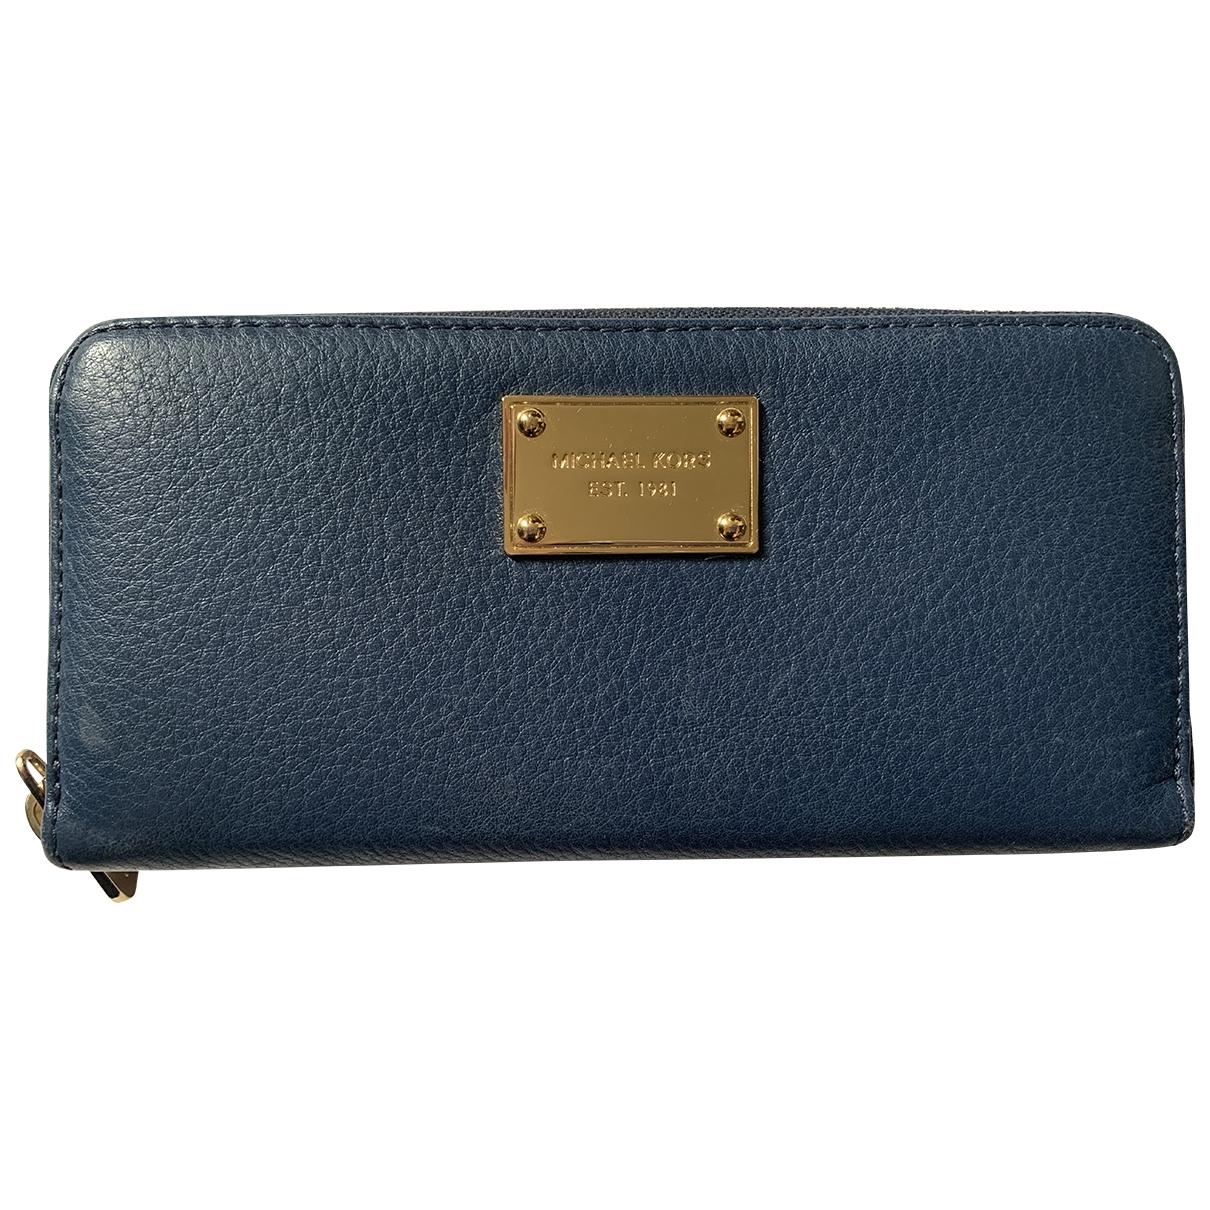 Michael Kors - Portefeuille   pour femme en cuir - bleu